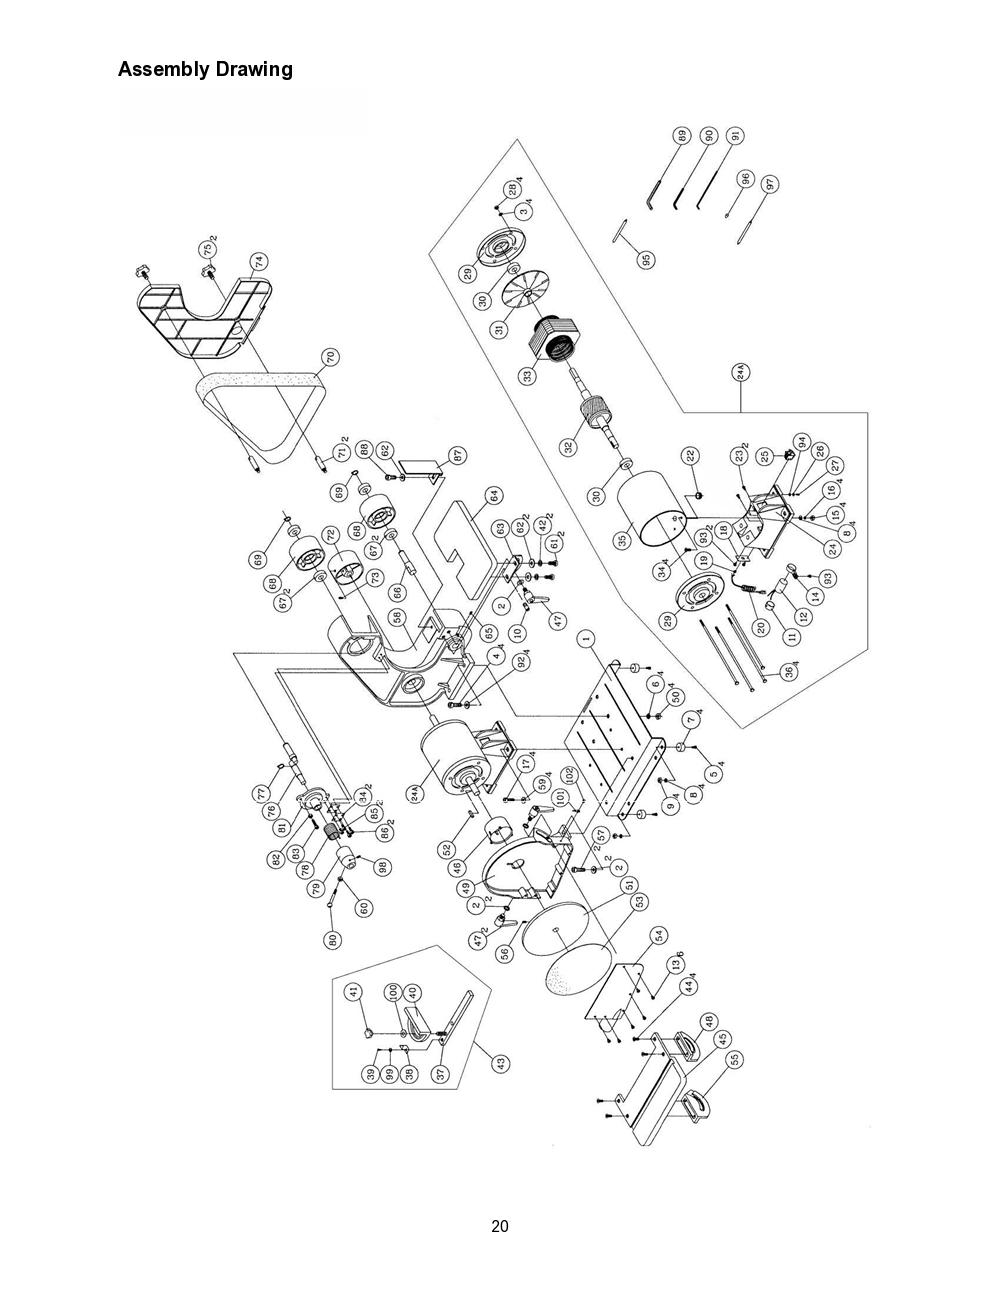 Wilton Bench Grinder 8 Inch Wiring Diagram